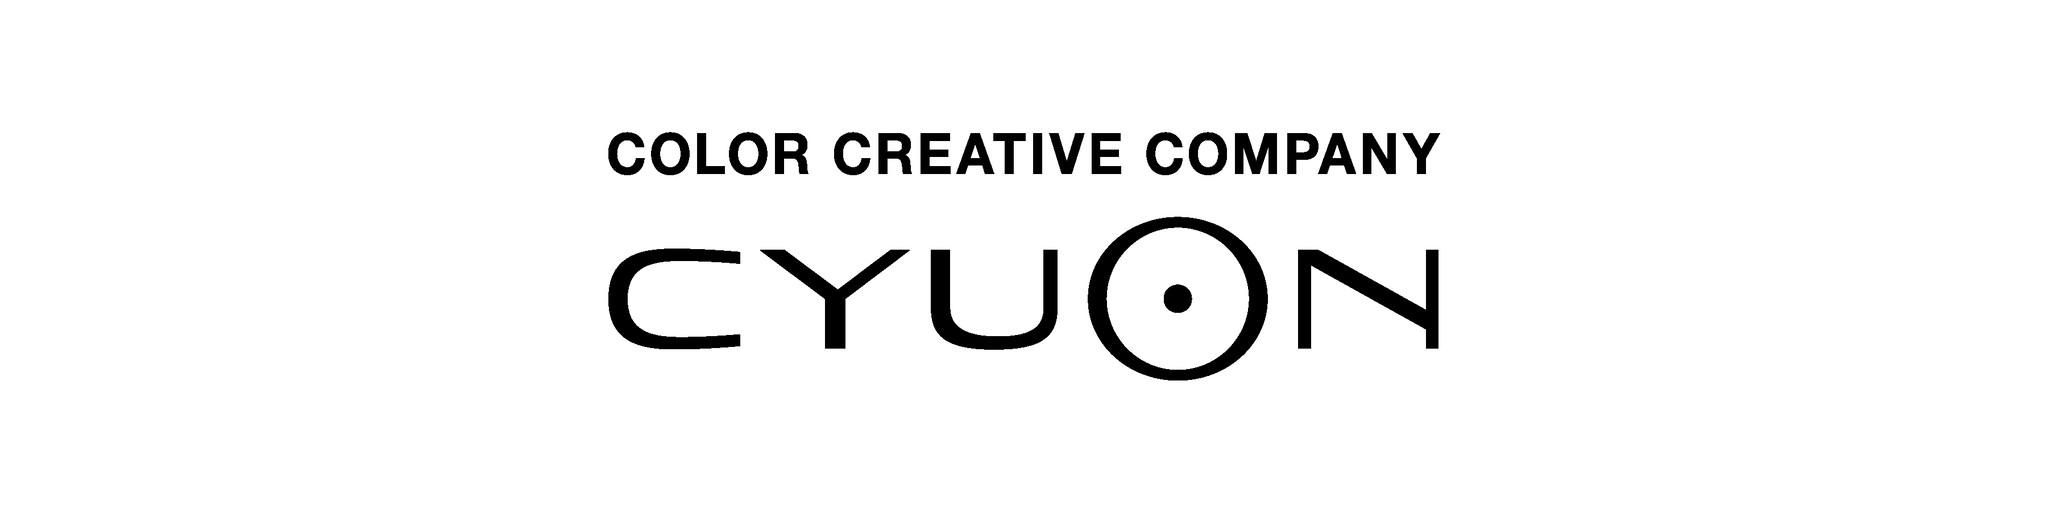 cyuon